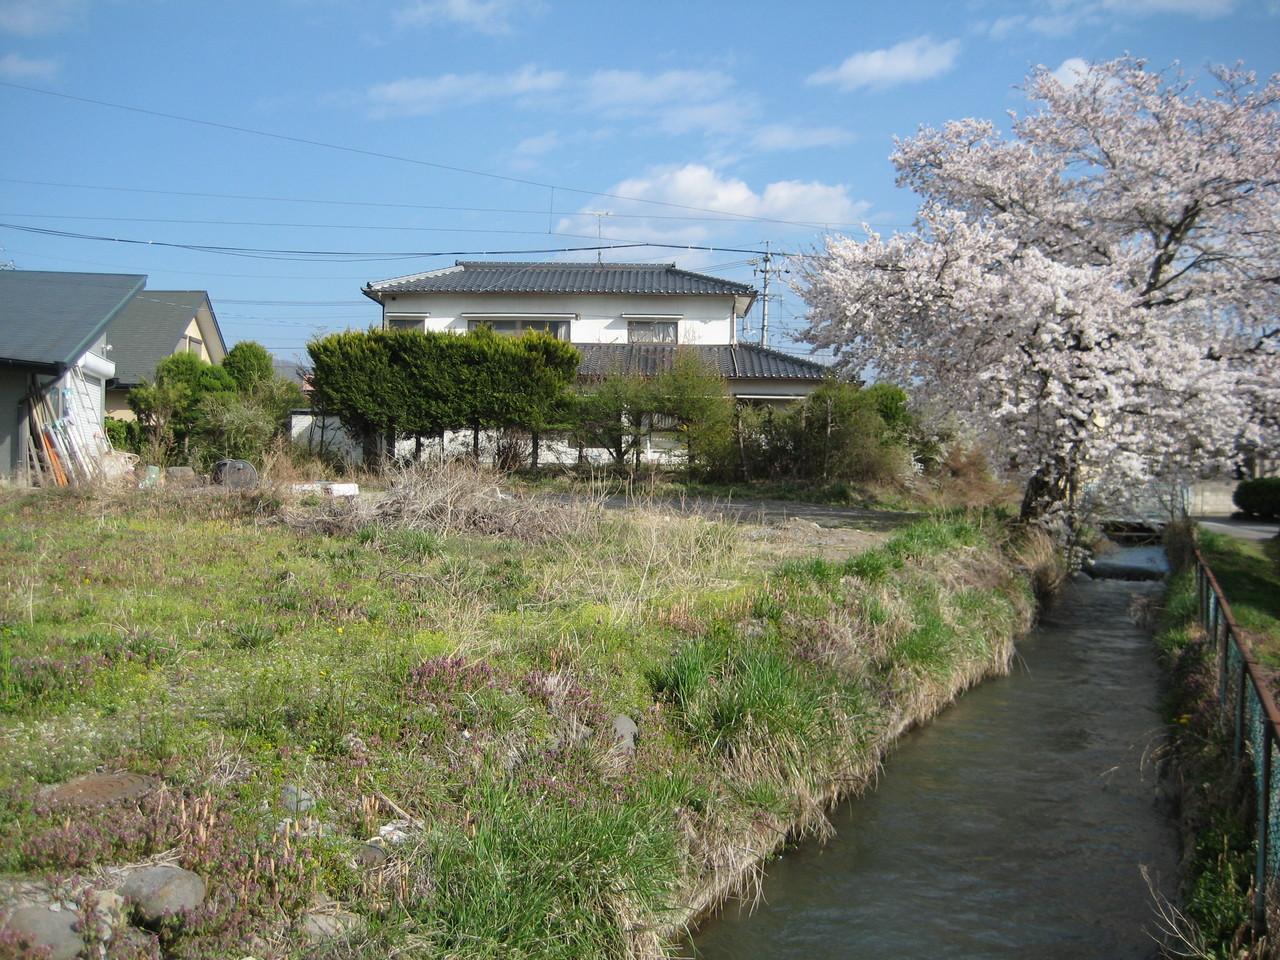 過去取扱物件写真⑦ 長野県 佐久市 あづま不動産 田舎暮らし